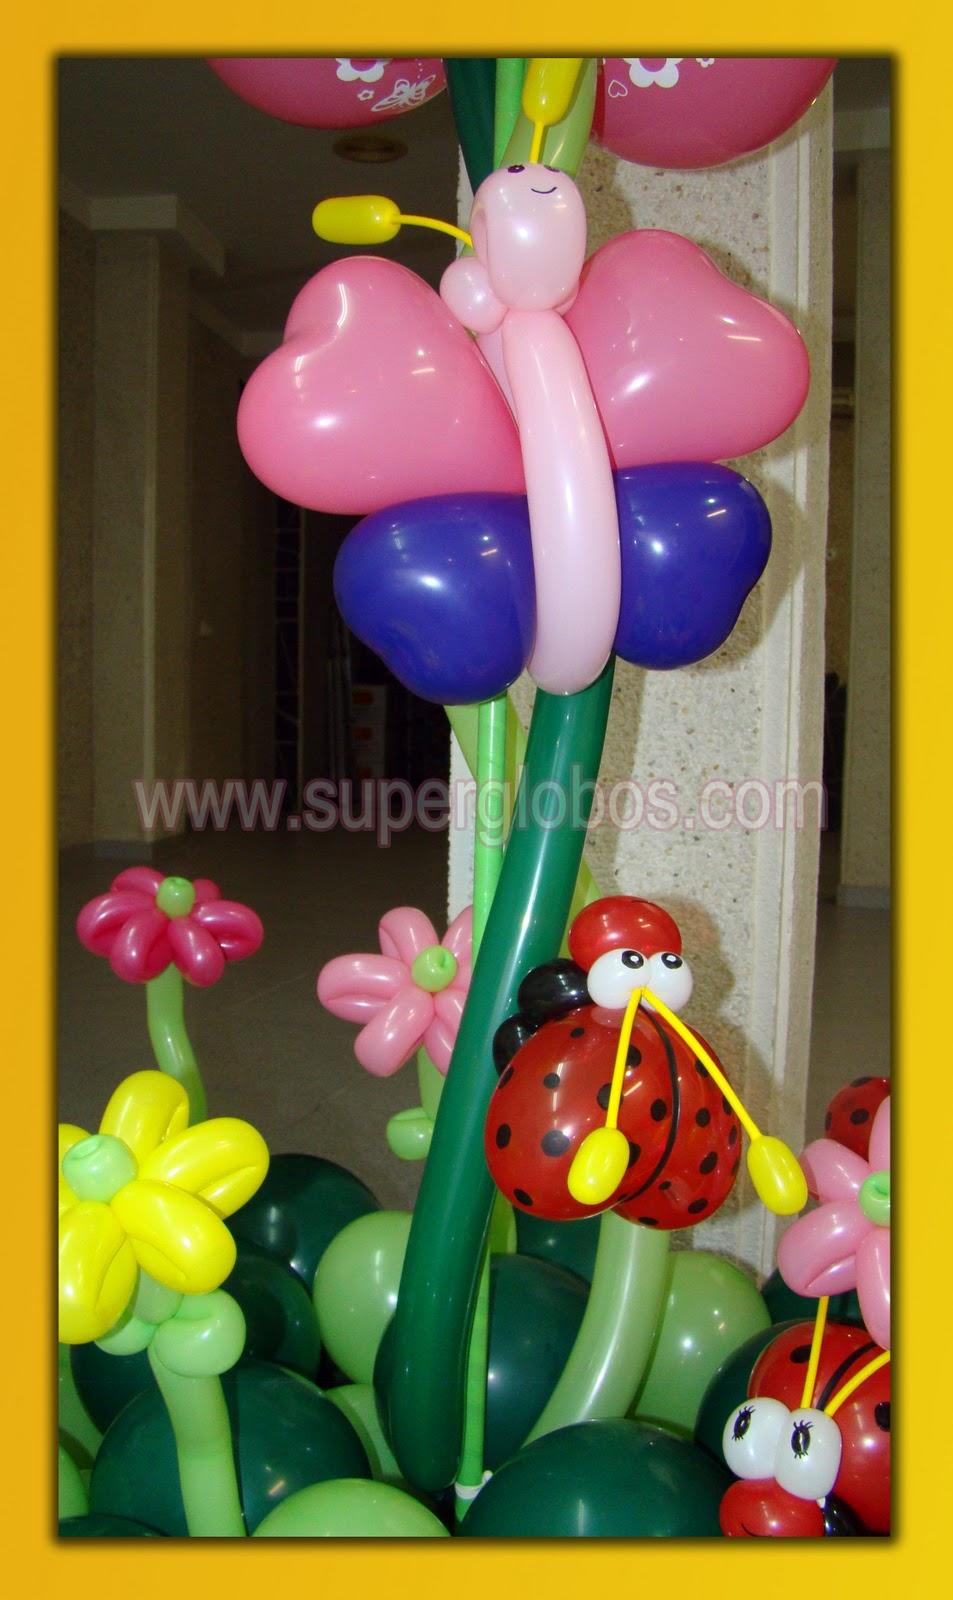 Dise os con globos para fiestas infantiles decoraci n - Globos fiestas infantiles ...